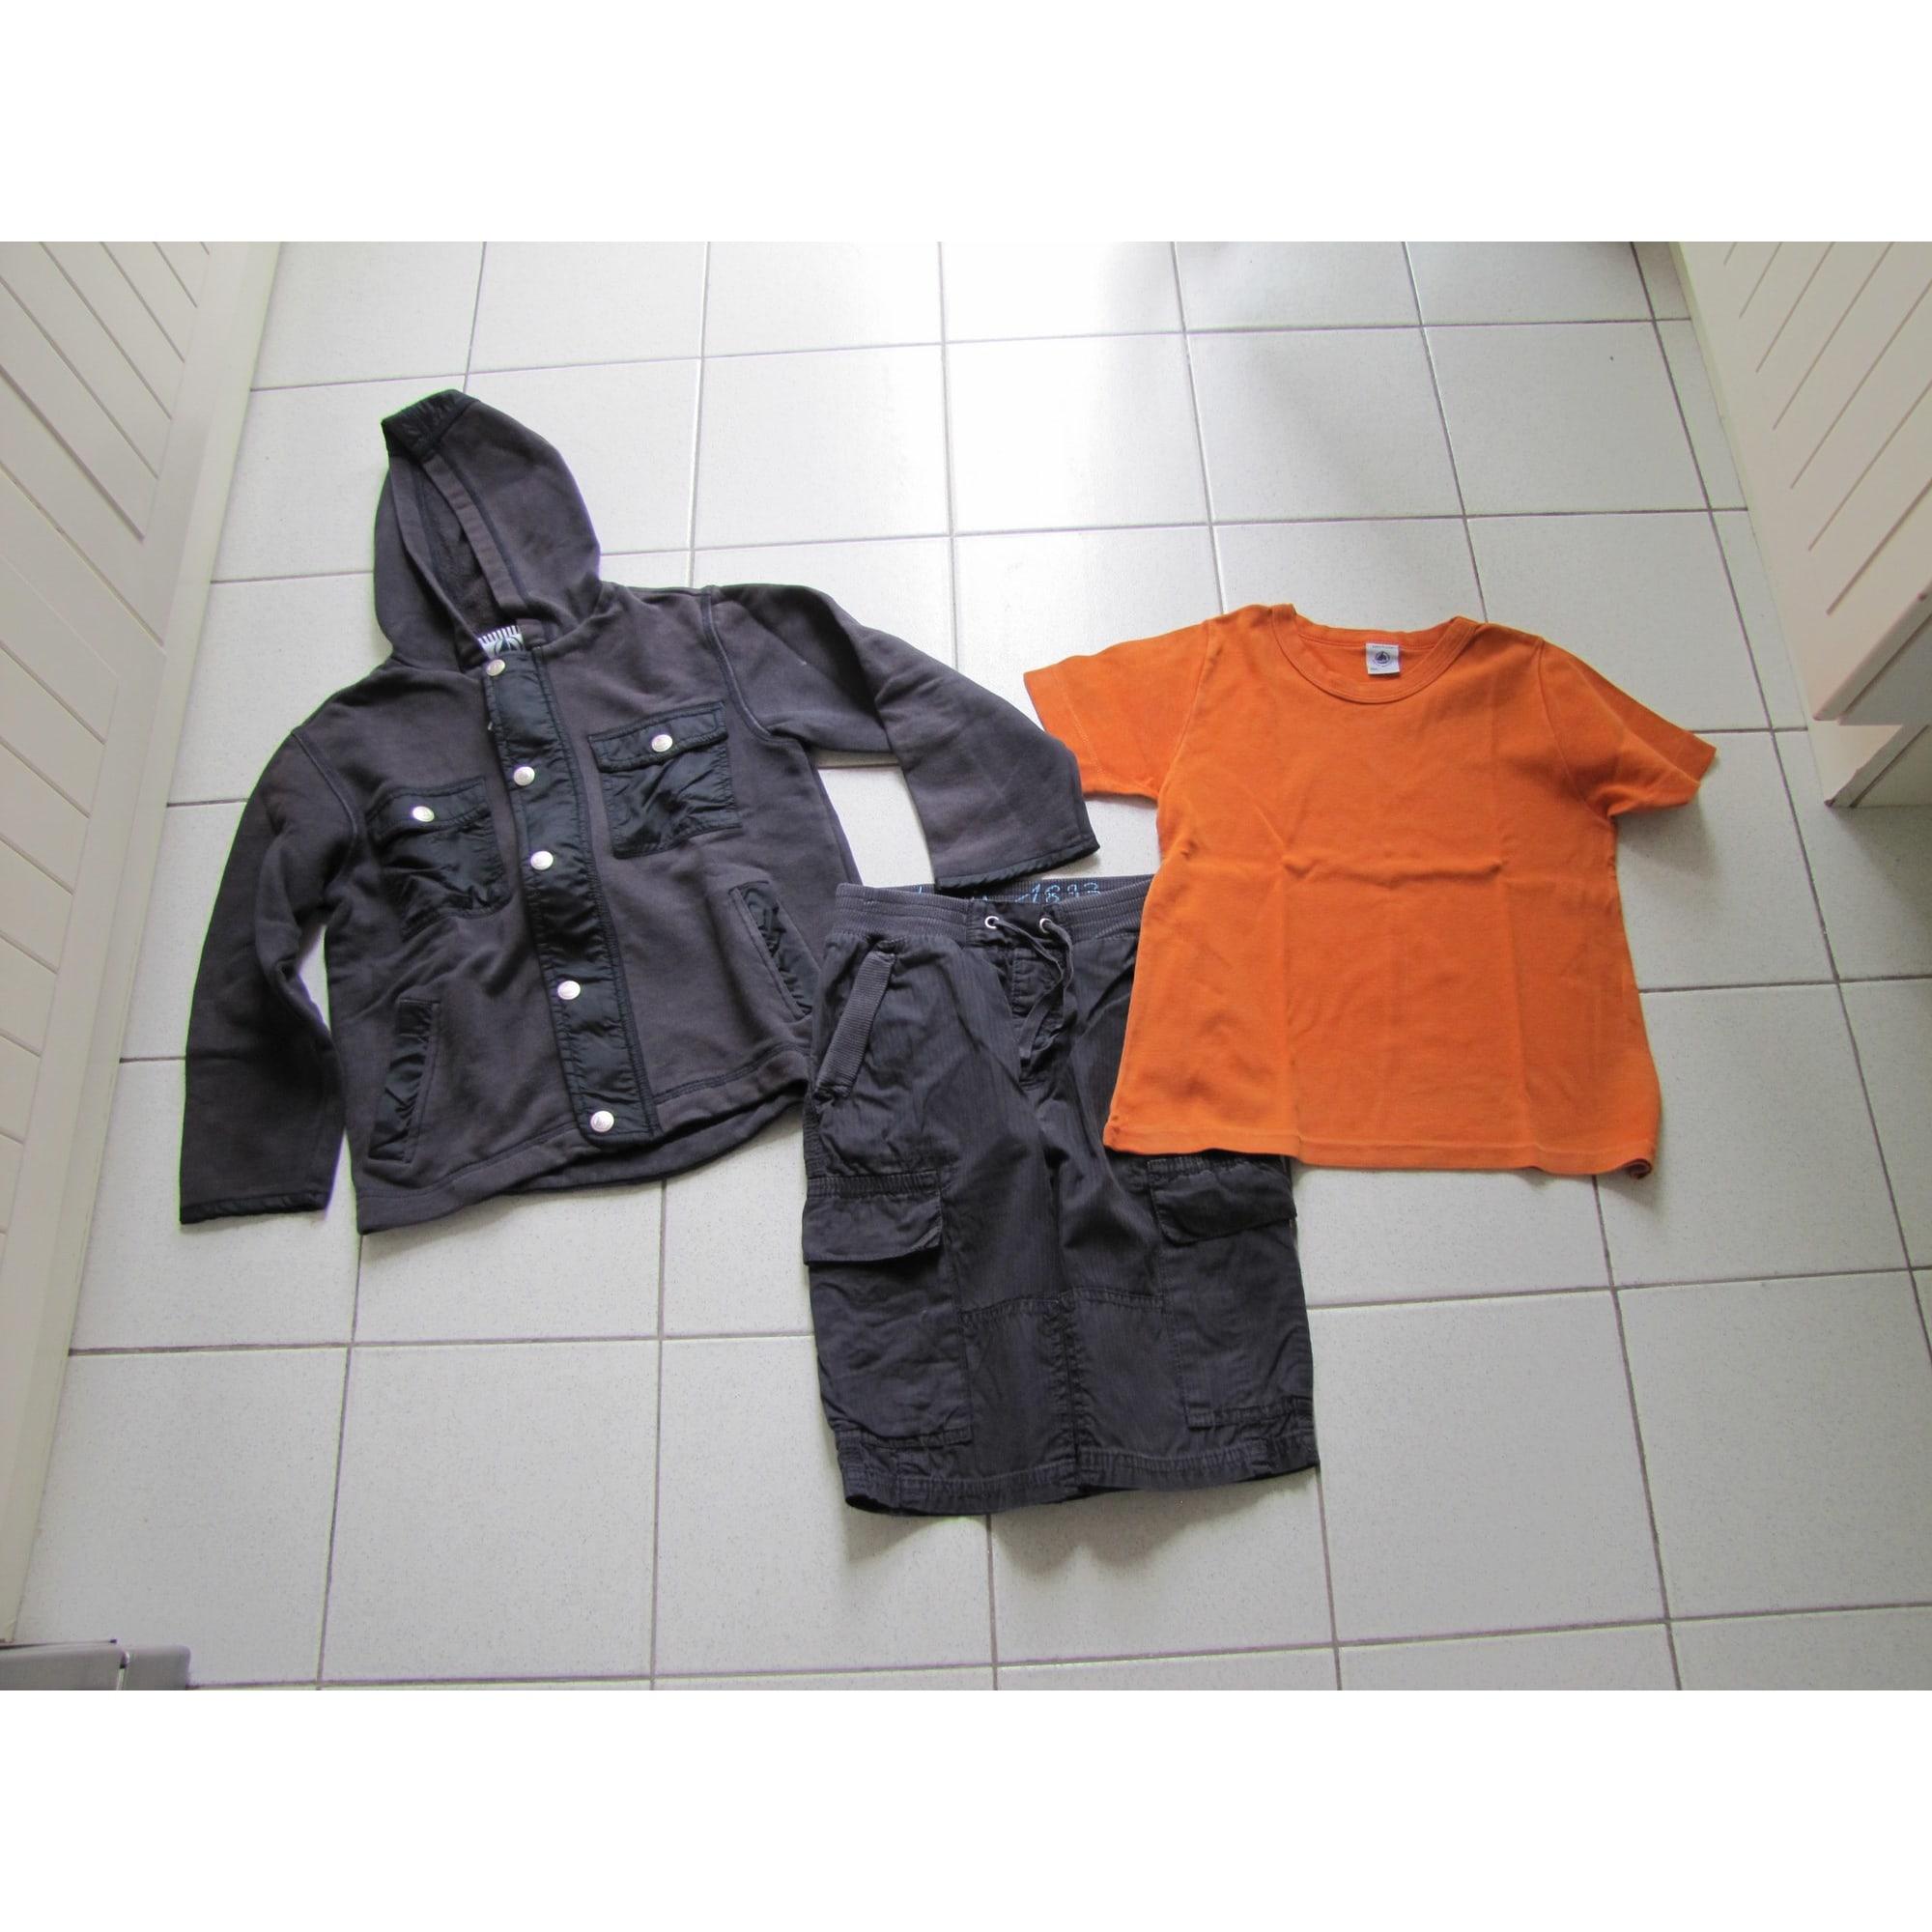 Anzug, Set für Kinder, kurz PETIT BATEAU Mehrfarbig